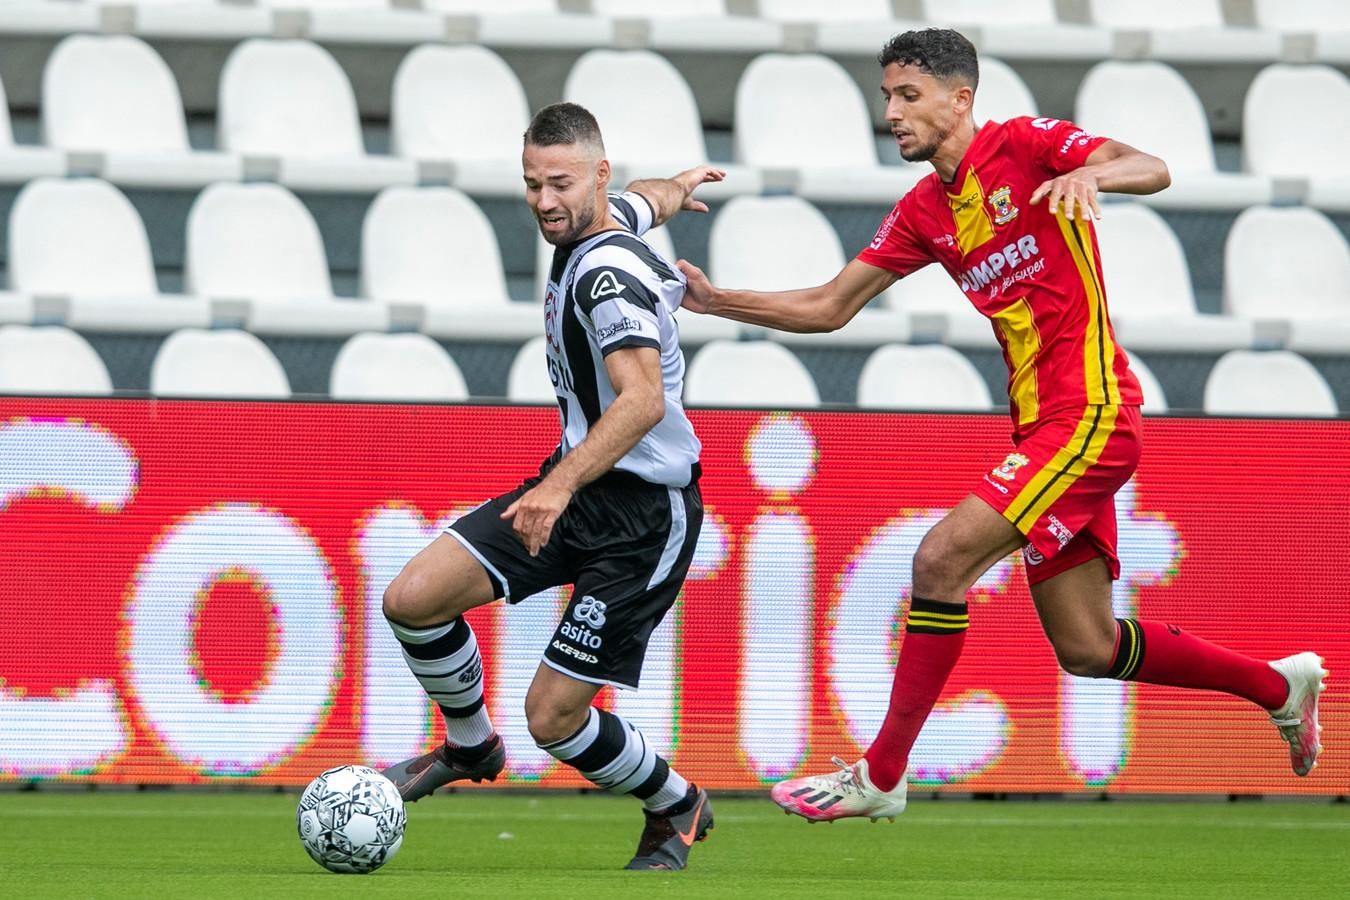 Heracles-speler Marco Rente wordt op de huid gezeten door Zakaria Eddahchouri van Go Ahead Eagles.